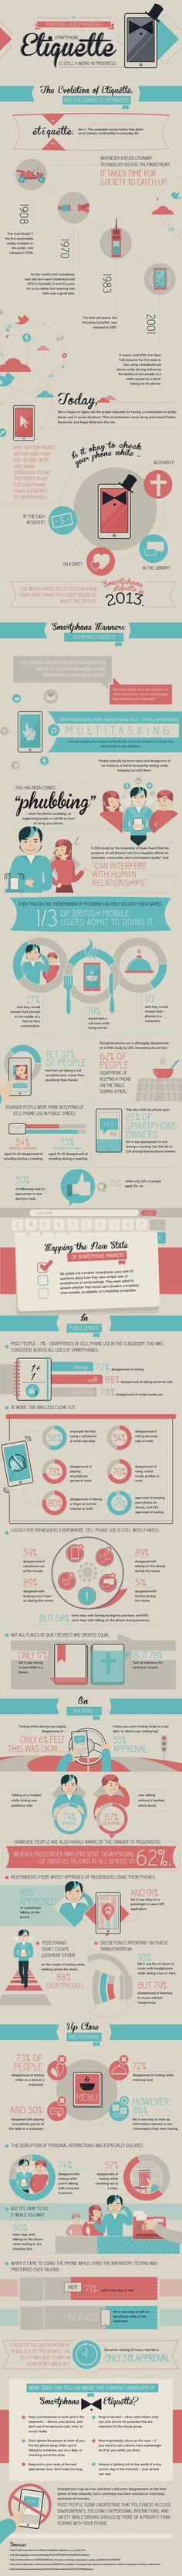 The evolution of the mobile etiquette - Via deals.ebay.com